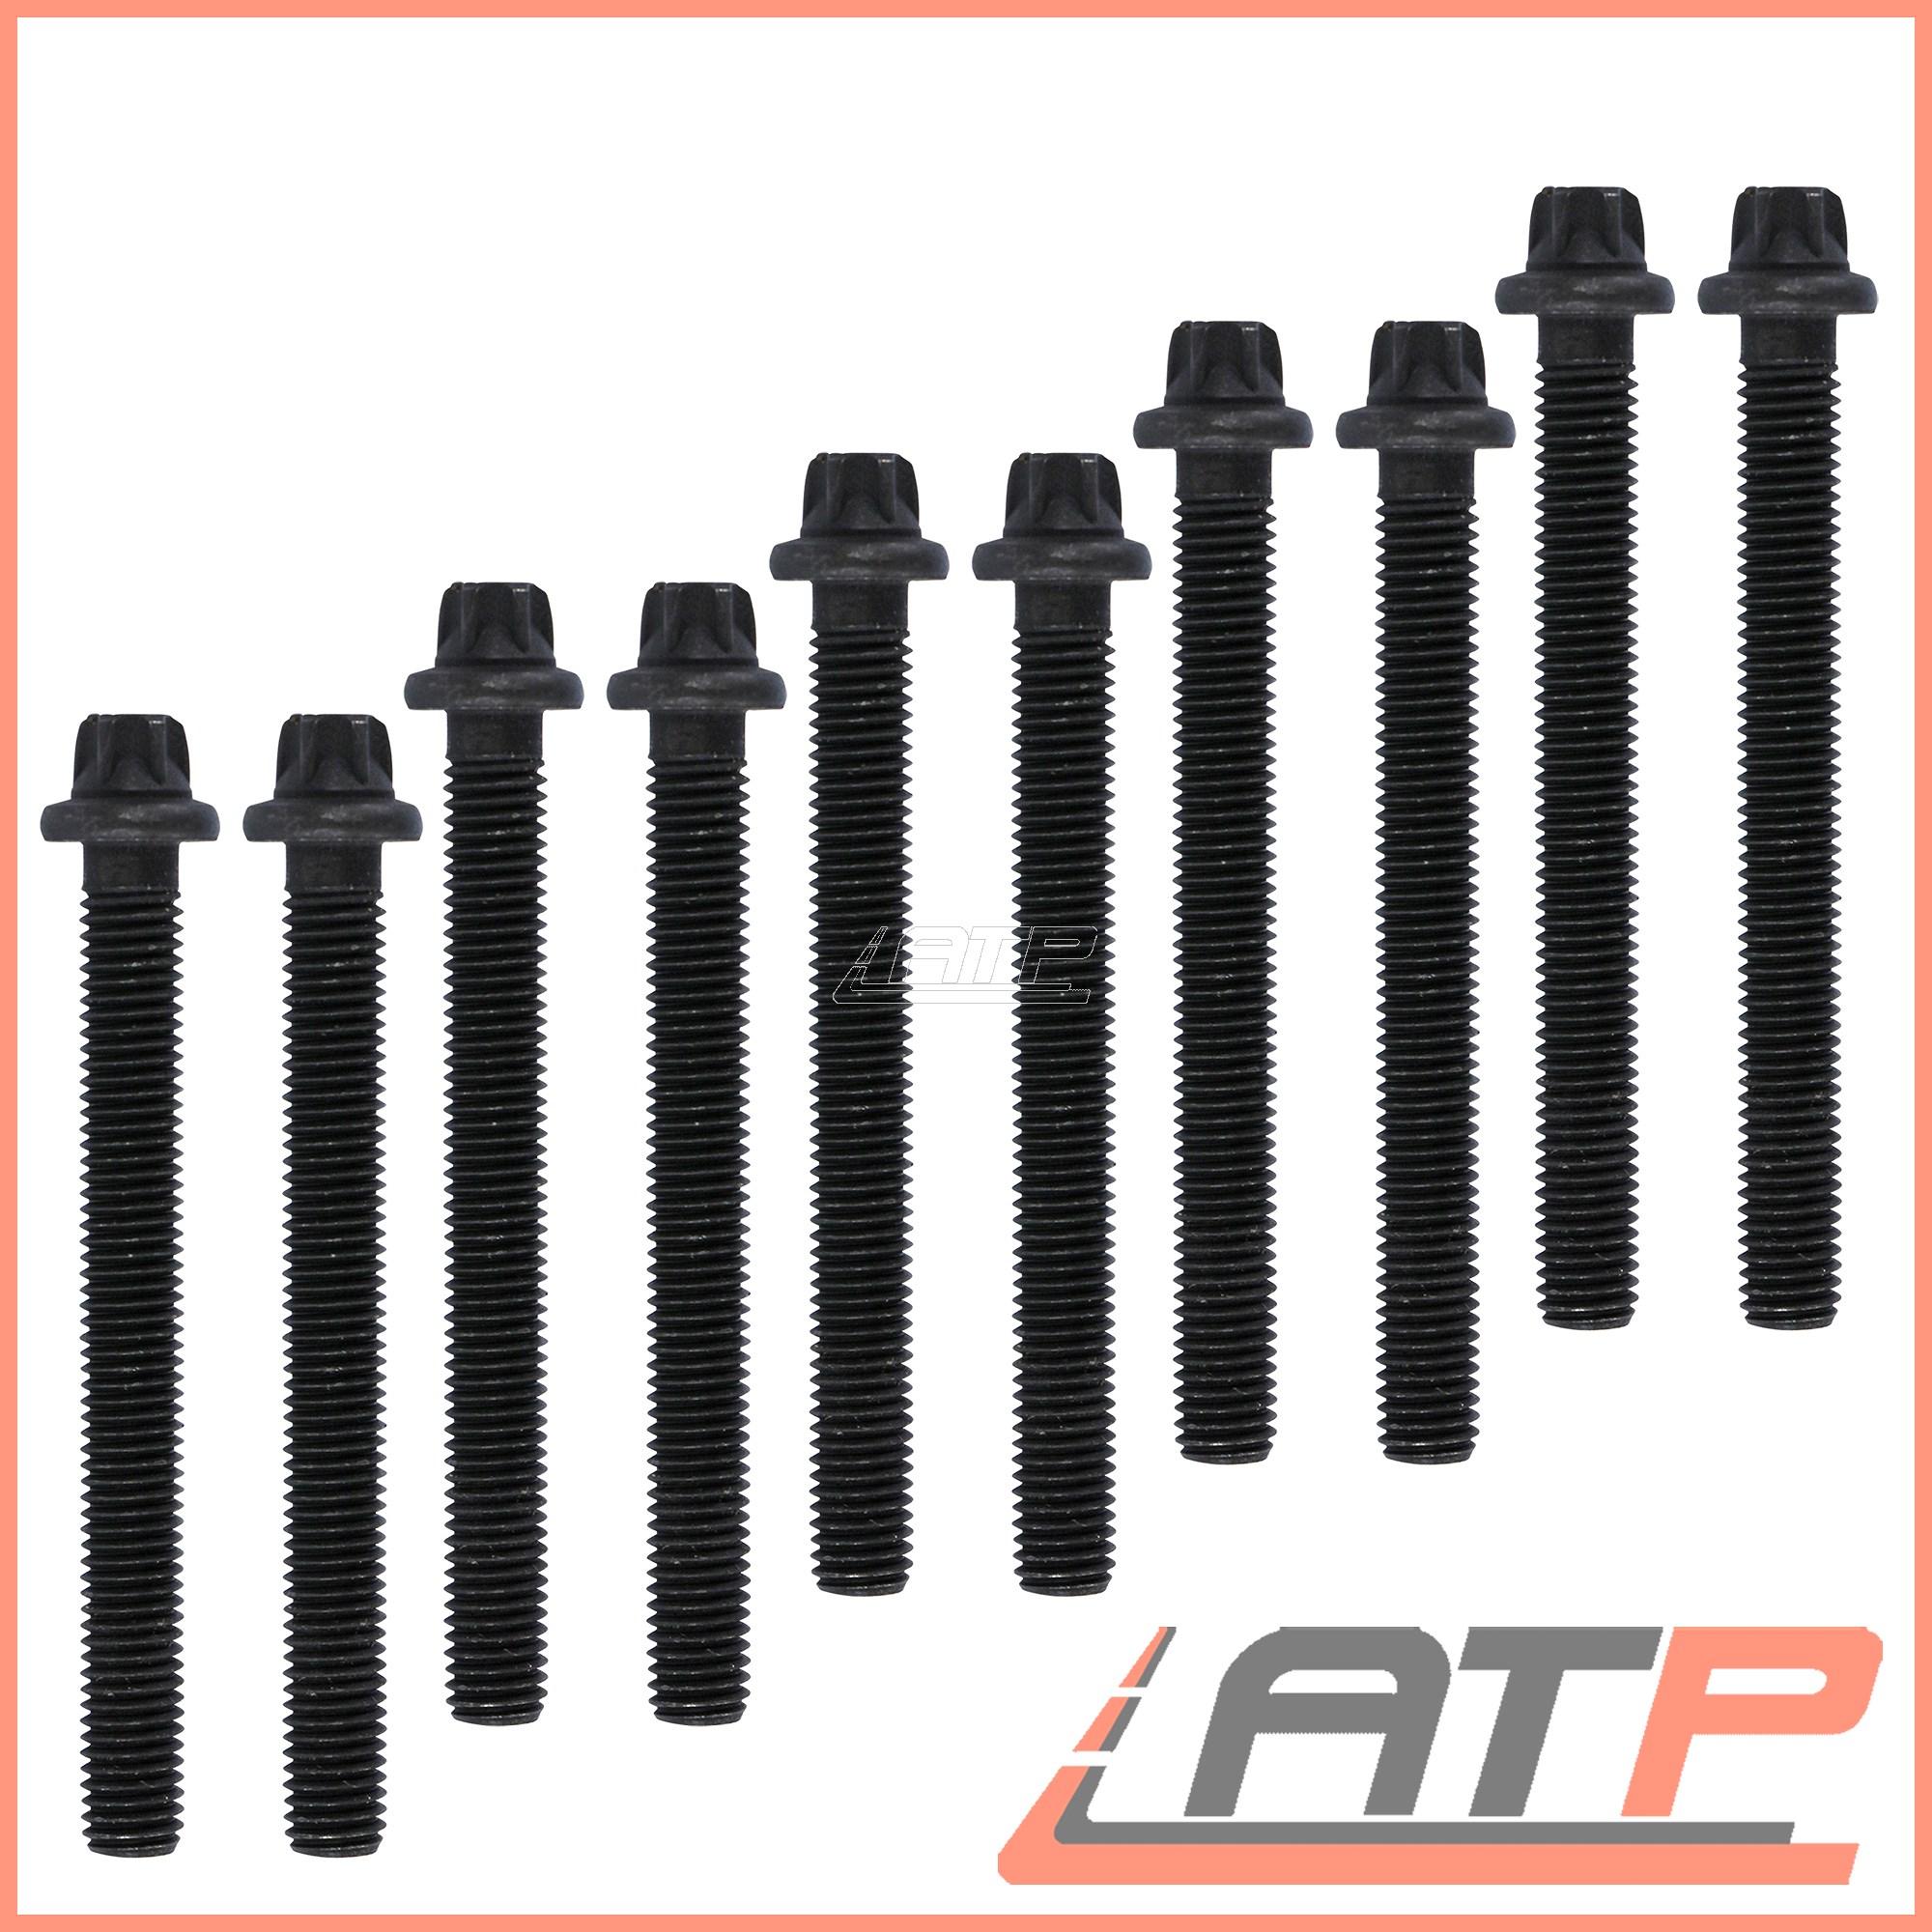 1X-Elring-Junta-De-Culata-Kit-De-Perno-BMW-3-Series-E36-E46-316-318-Z3-E36-1-9 miniatura 5